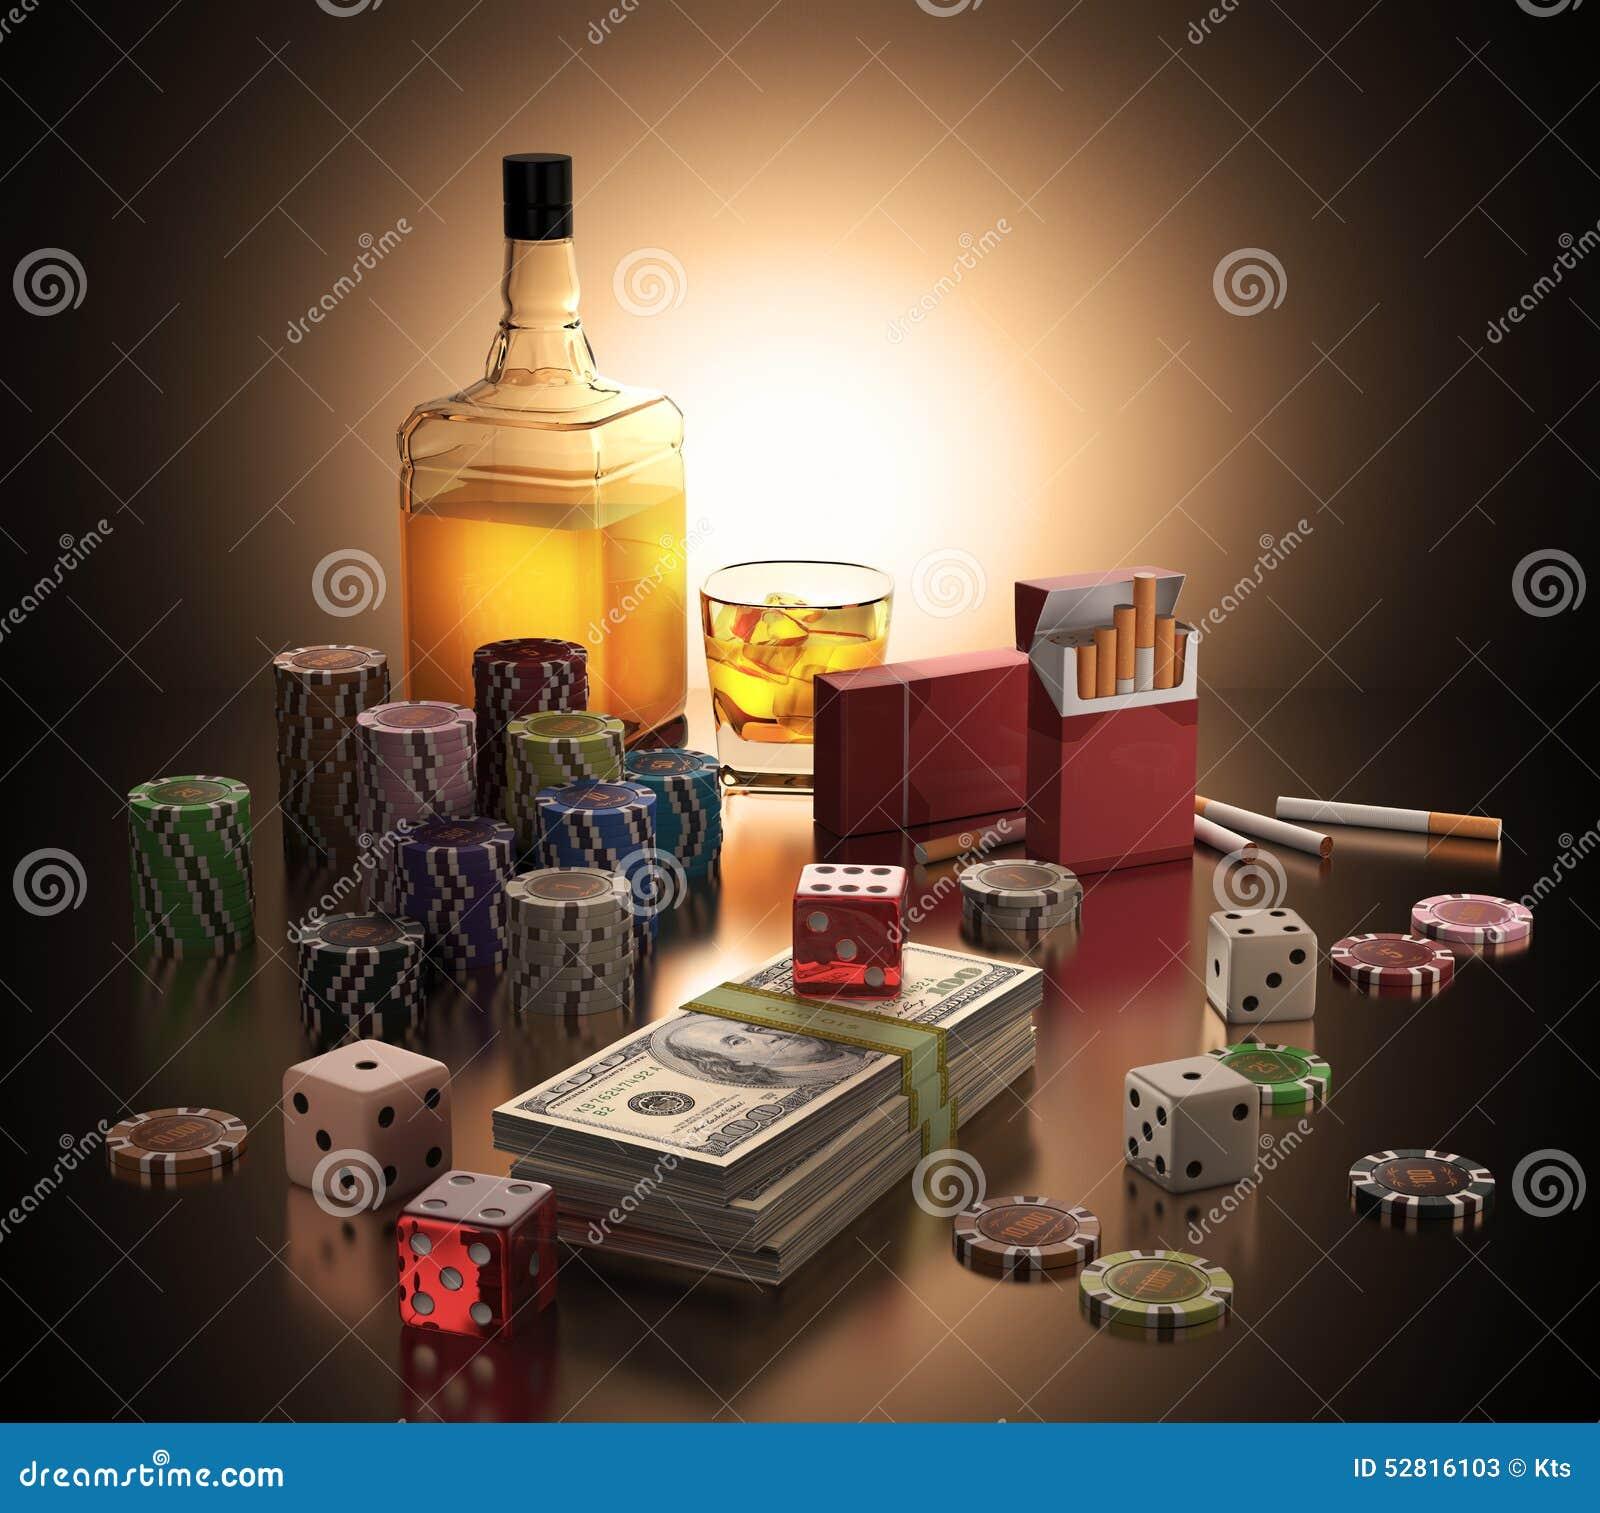 Gambling smoking addiction